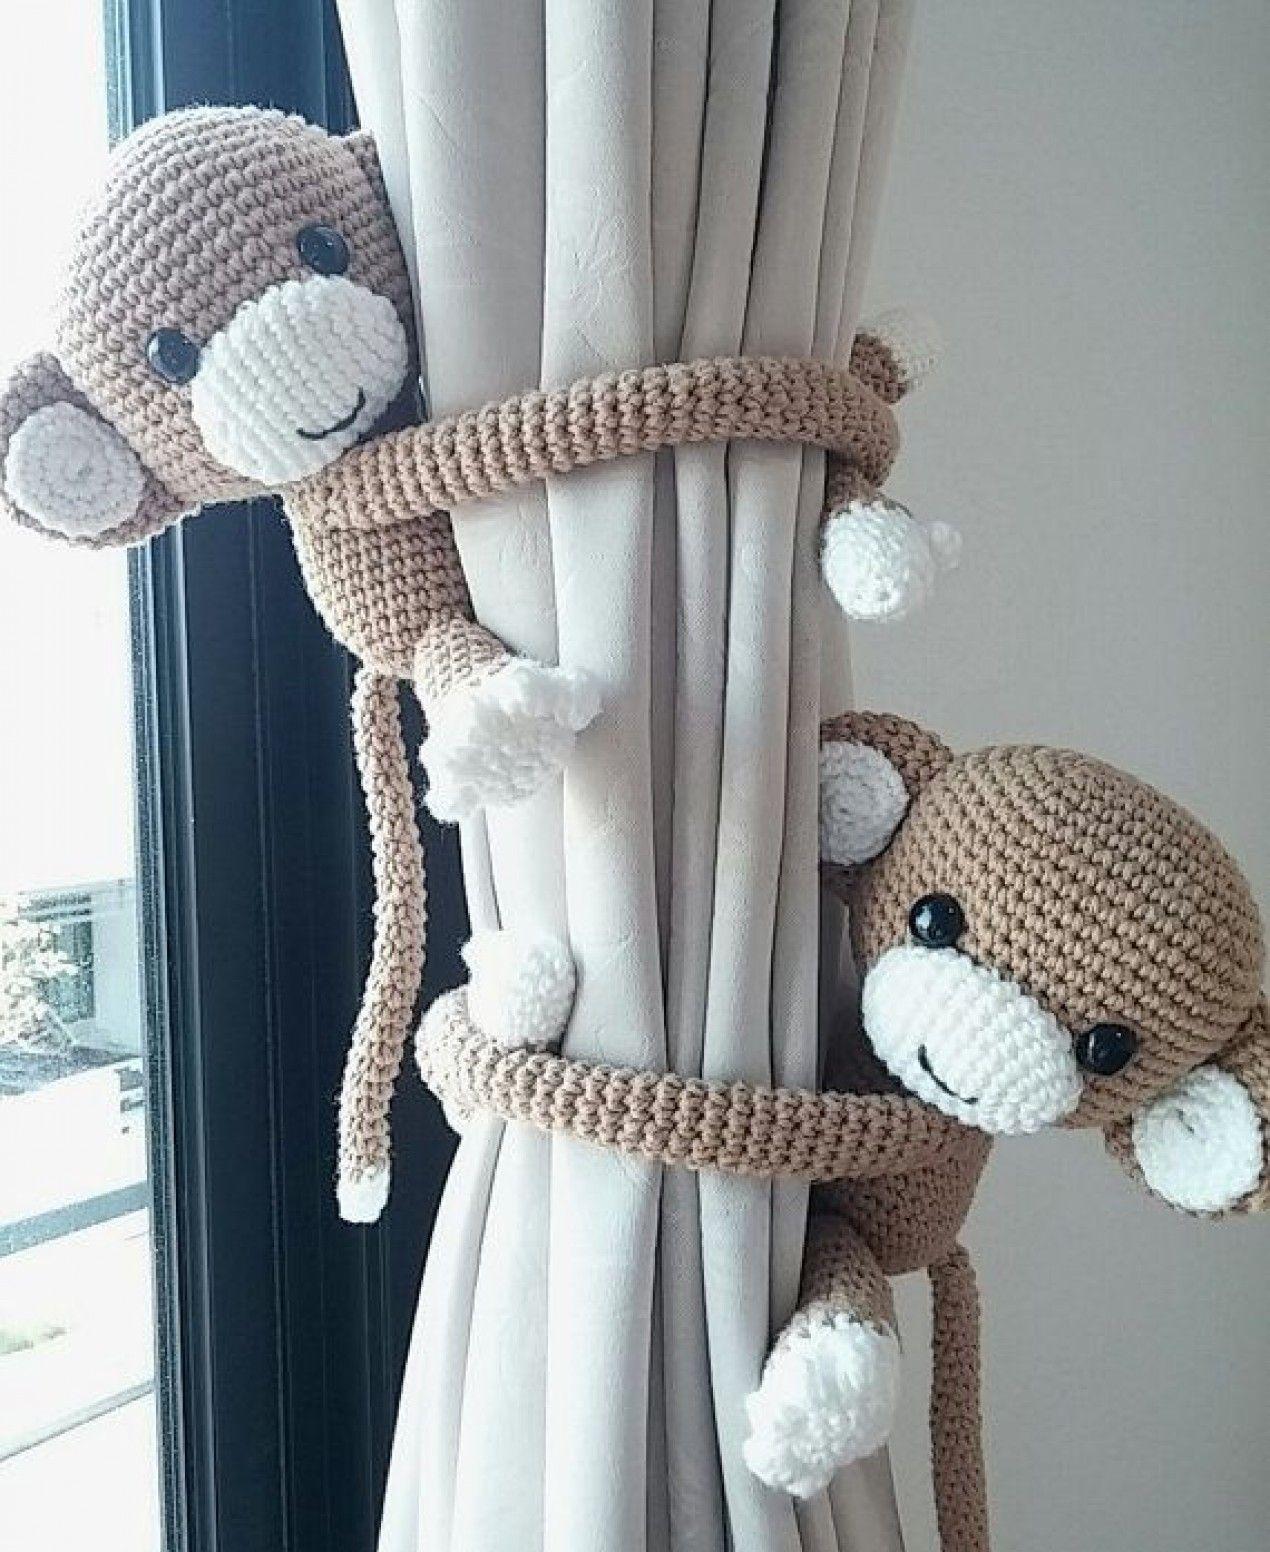 http://www.babyenkinderkamer.nl/gordijnen/gordijnhouders-voor-de ...